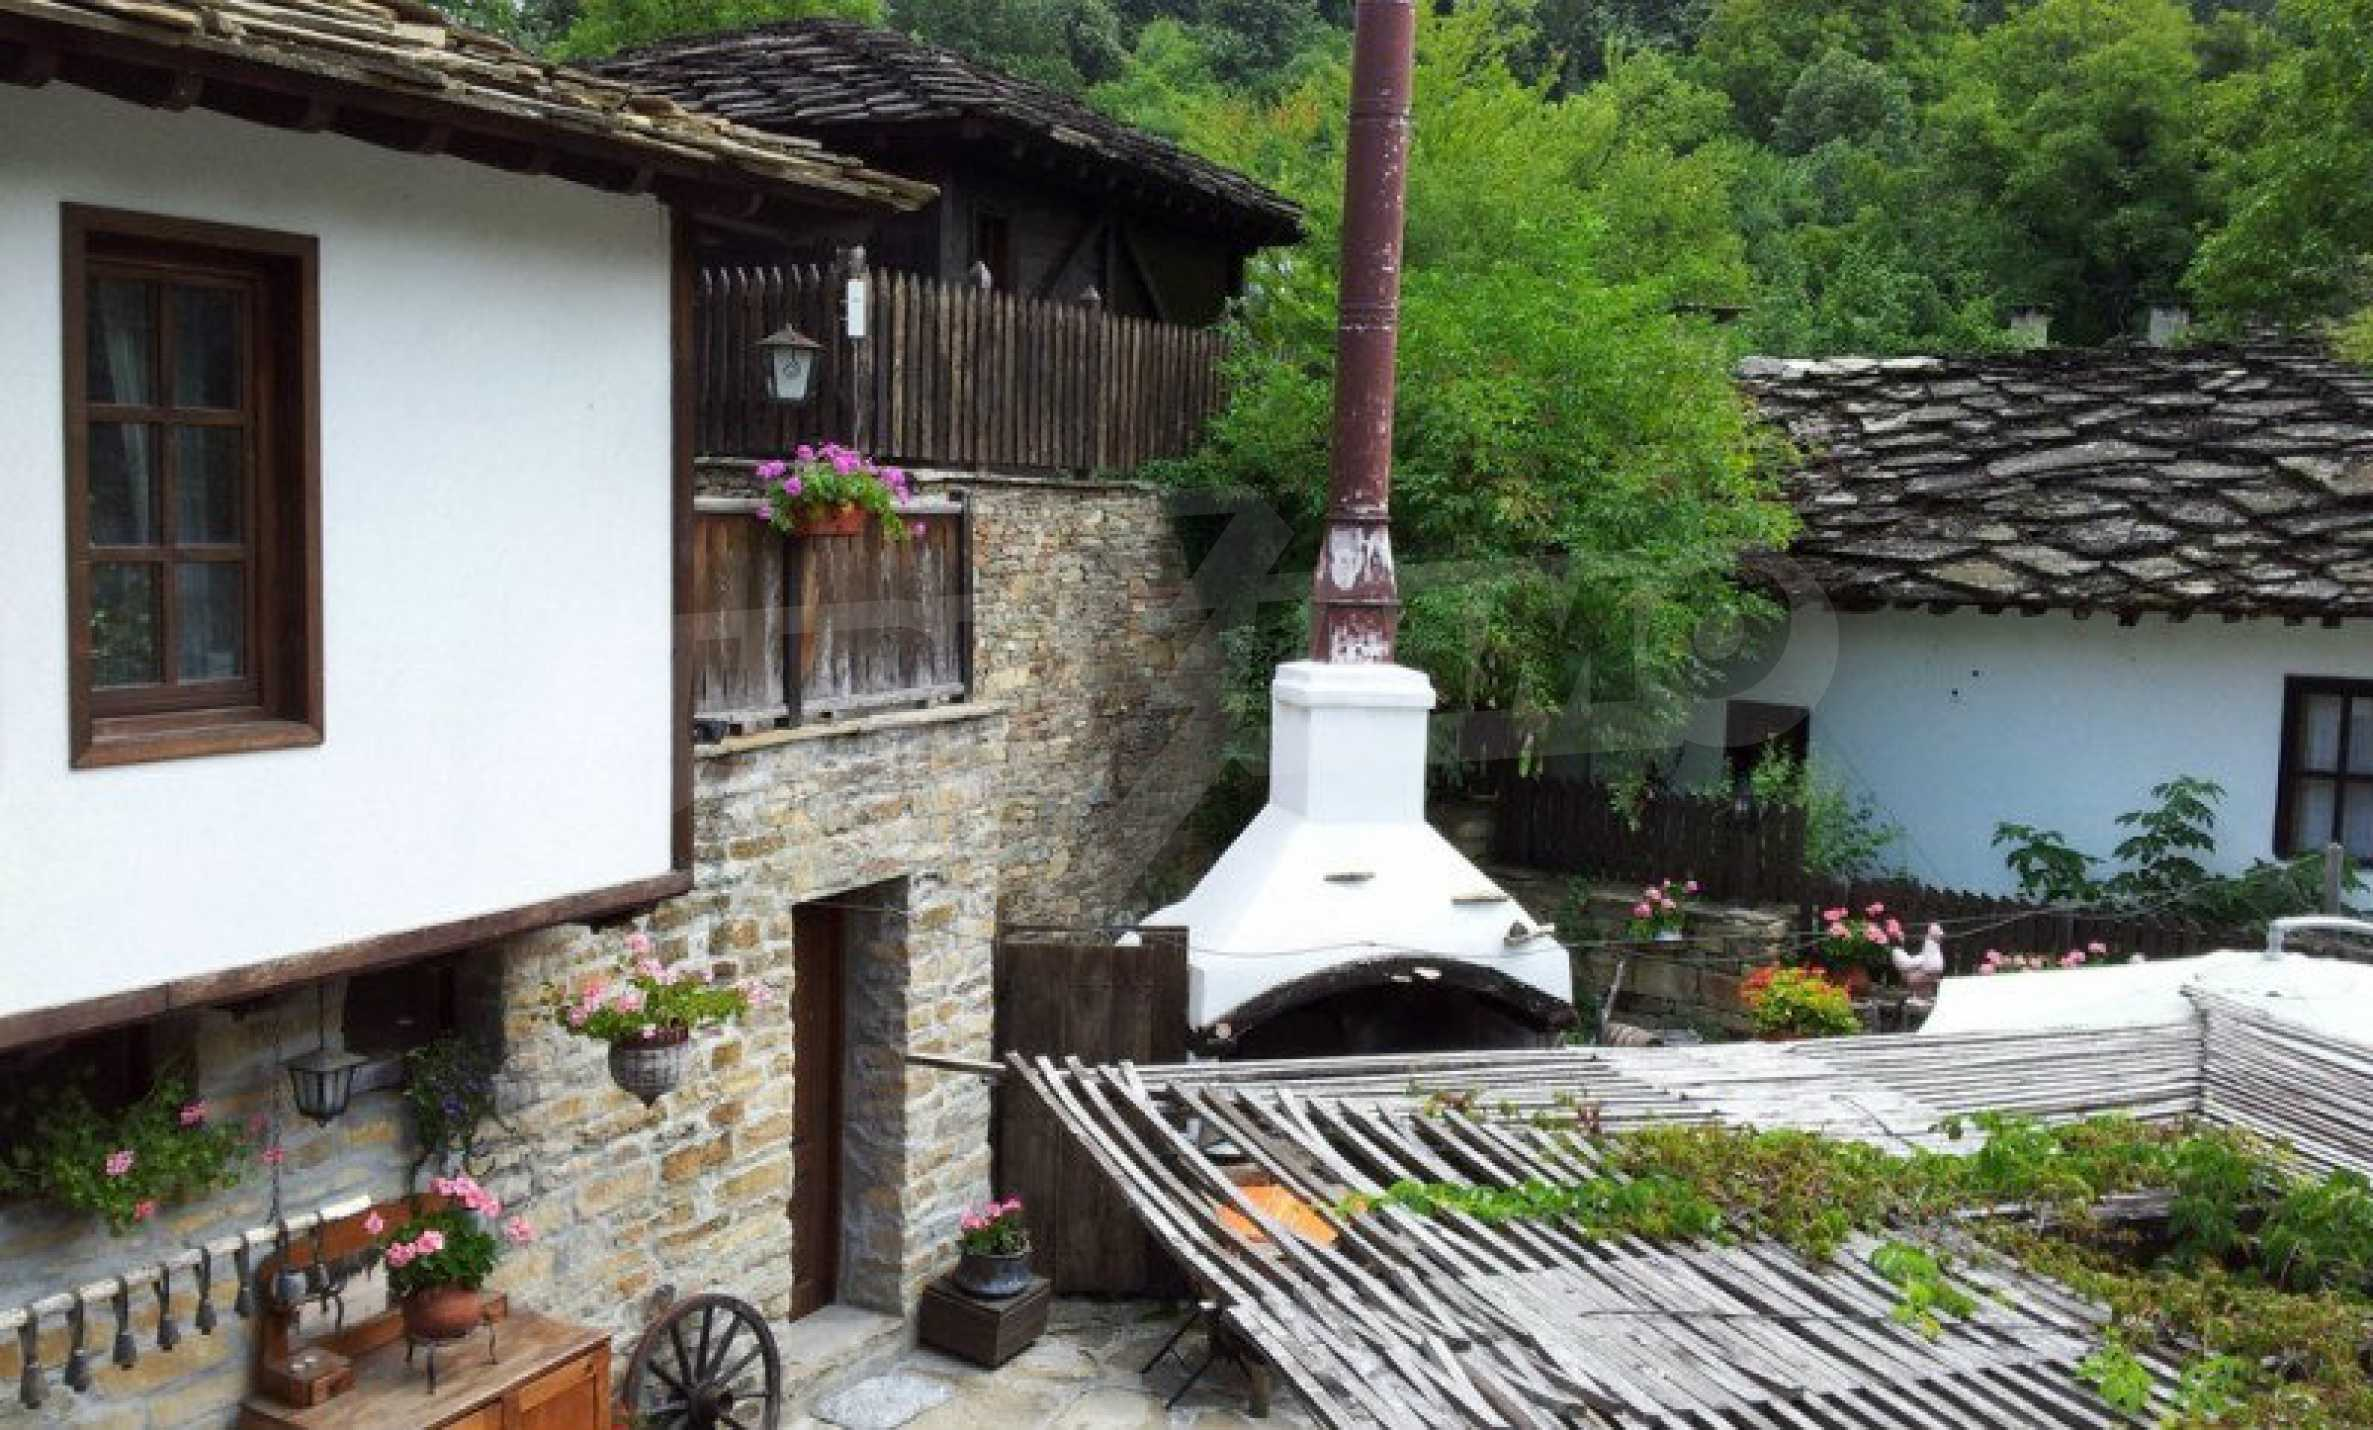 Уникaльный дом с ресторанчиком в деревне Боженци 1